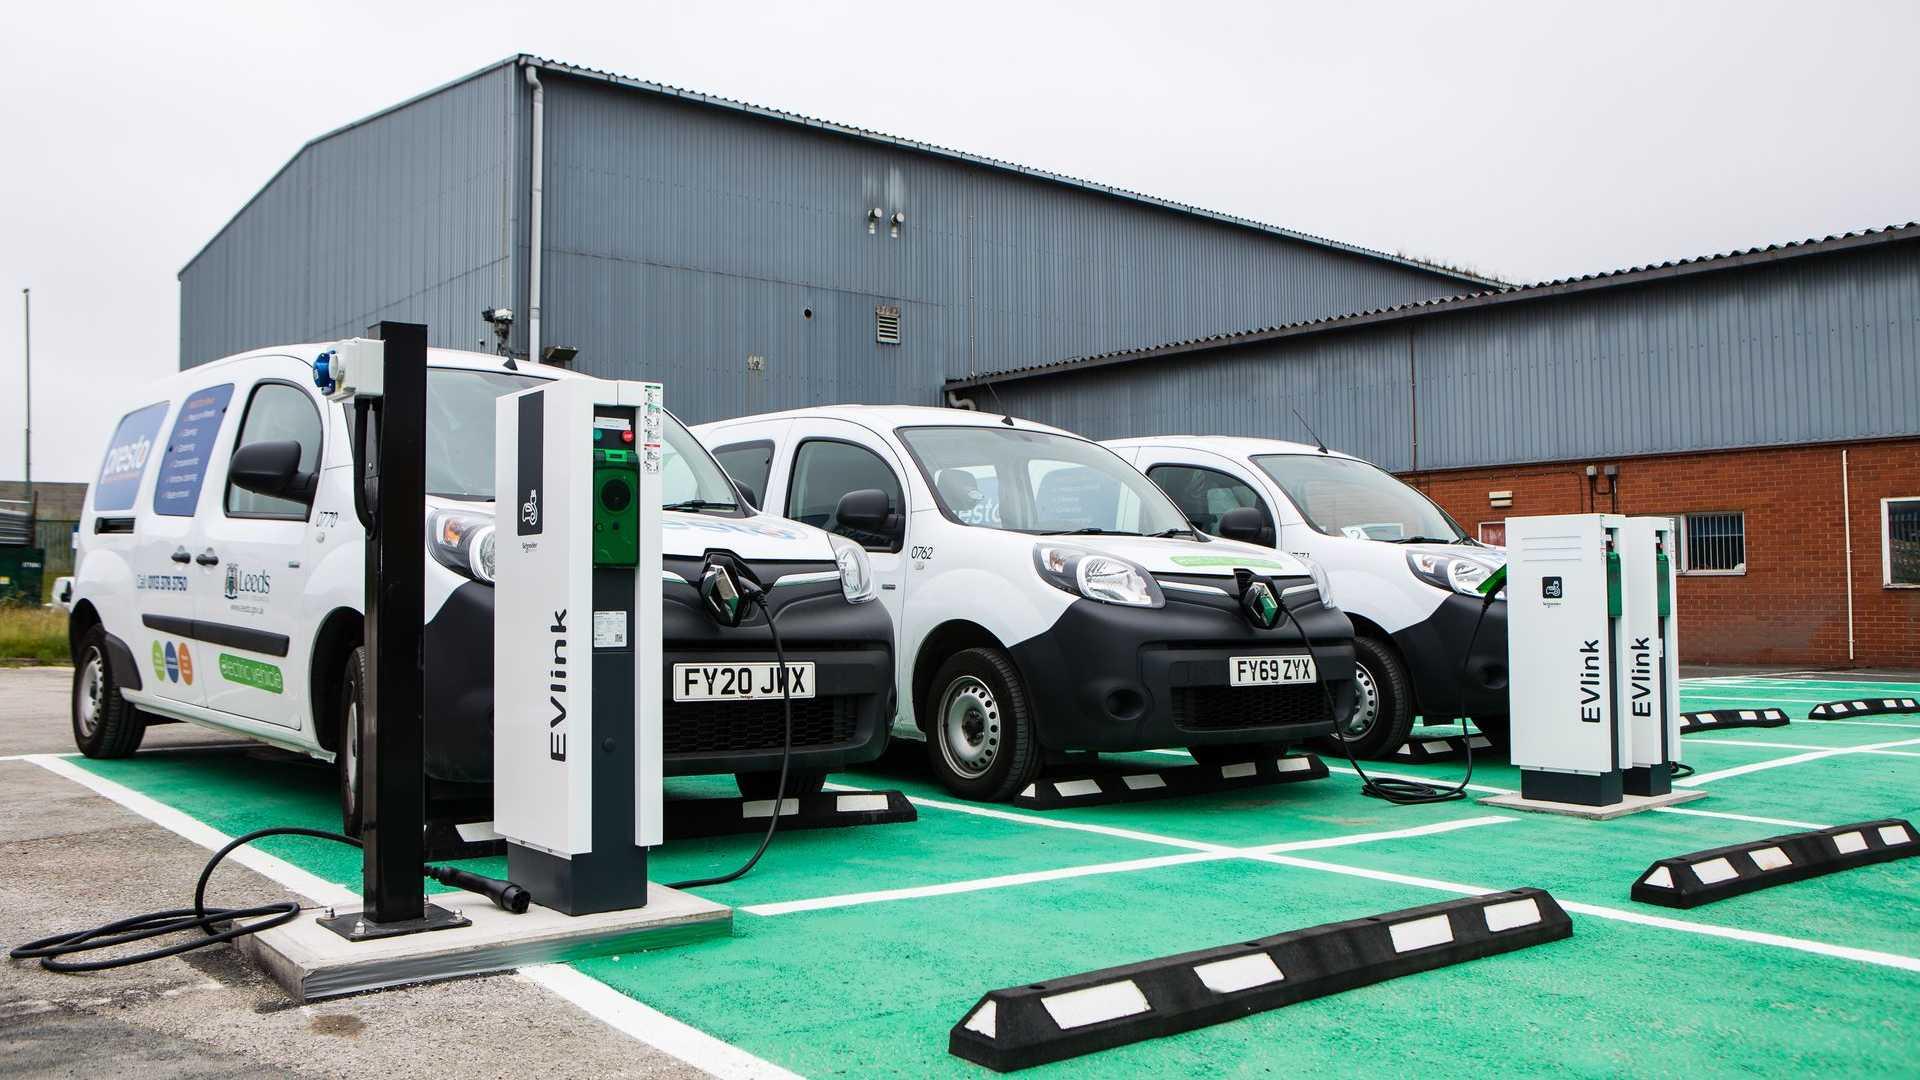 Leeds City Council adds Kangoo Z.E. vans to fleet